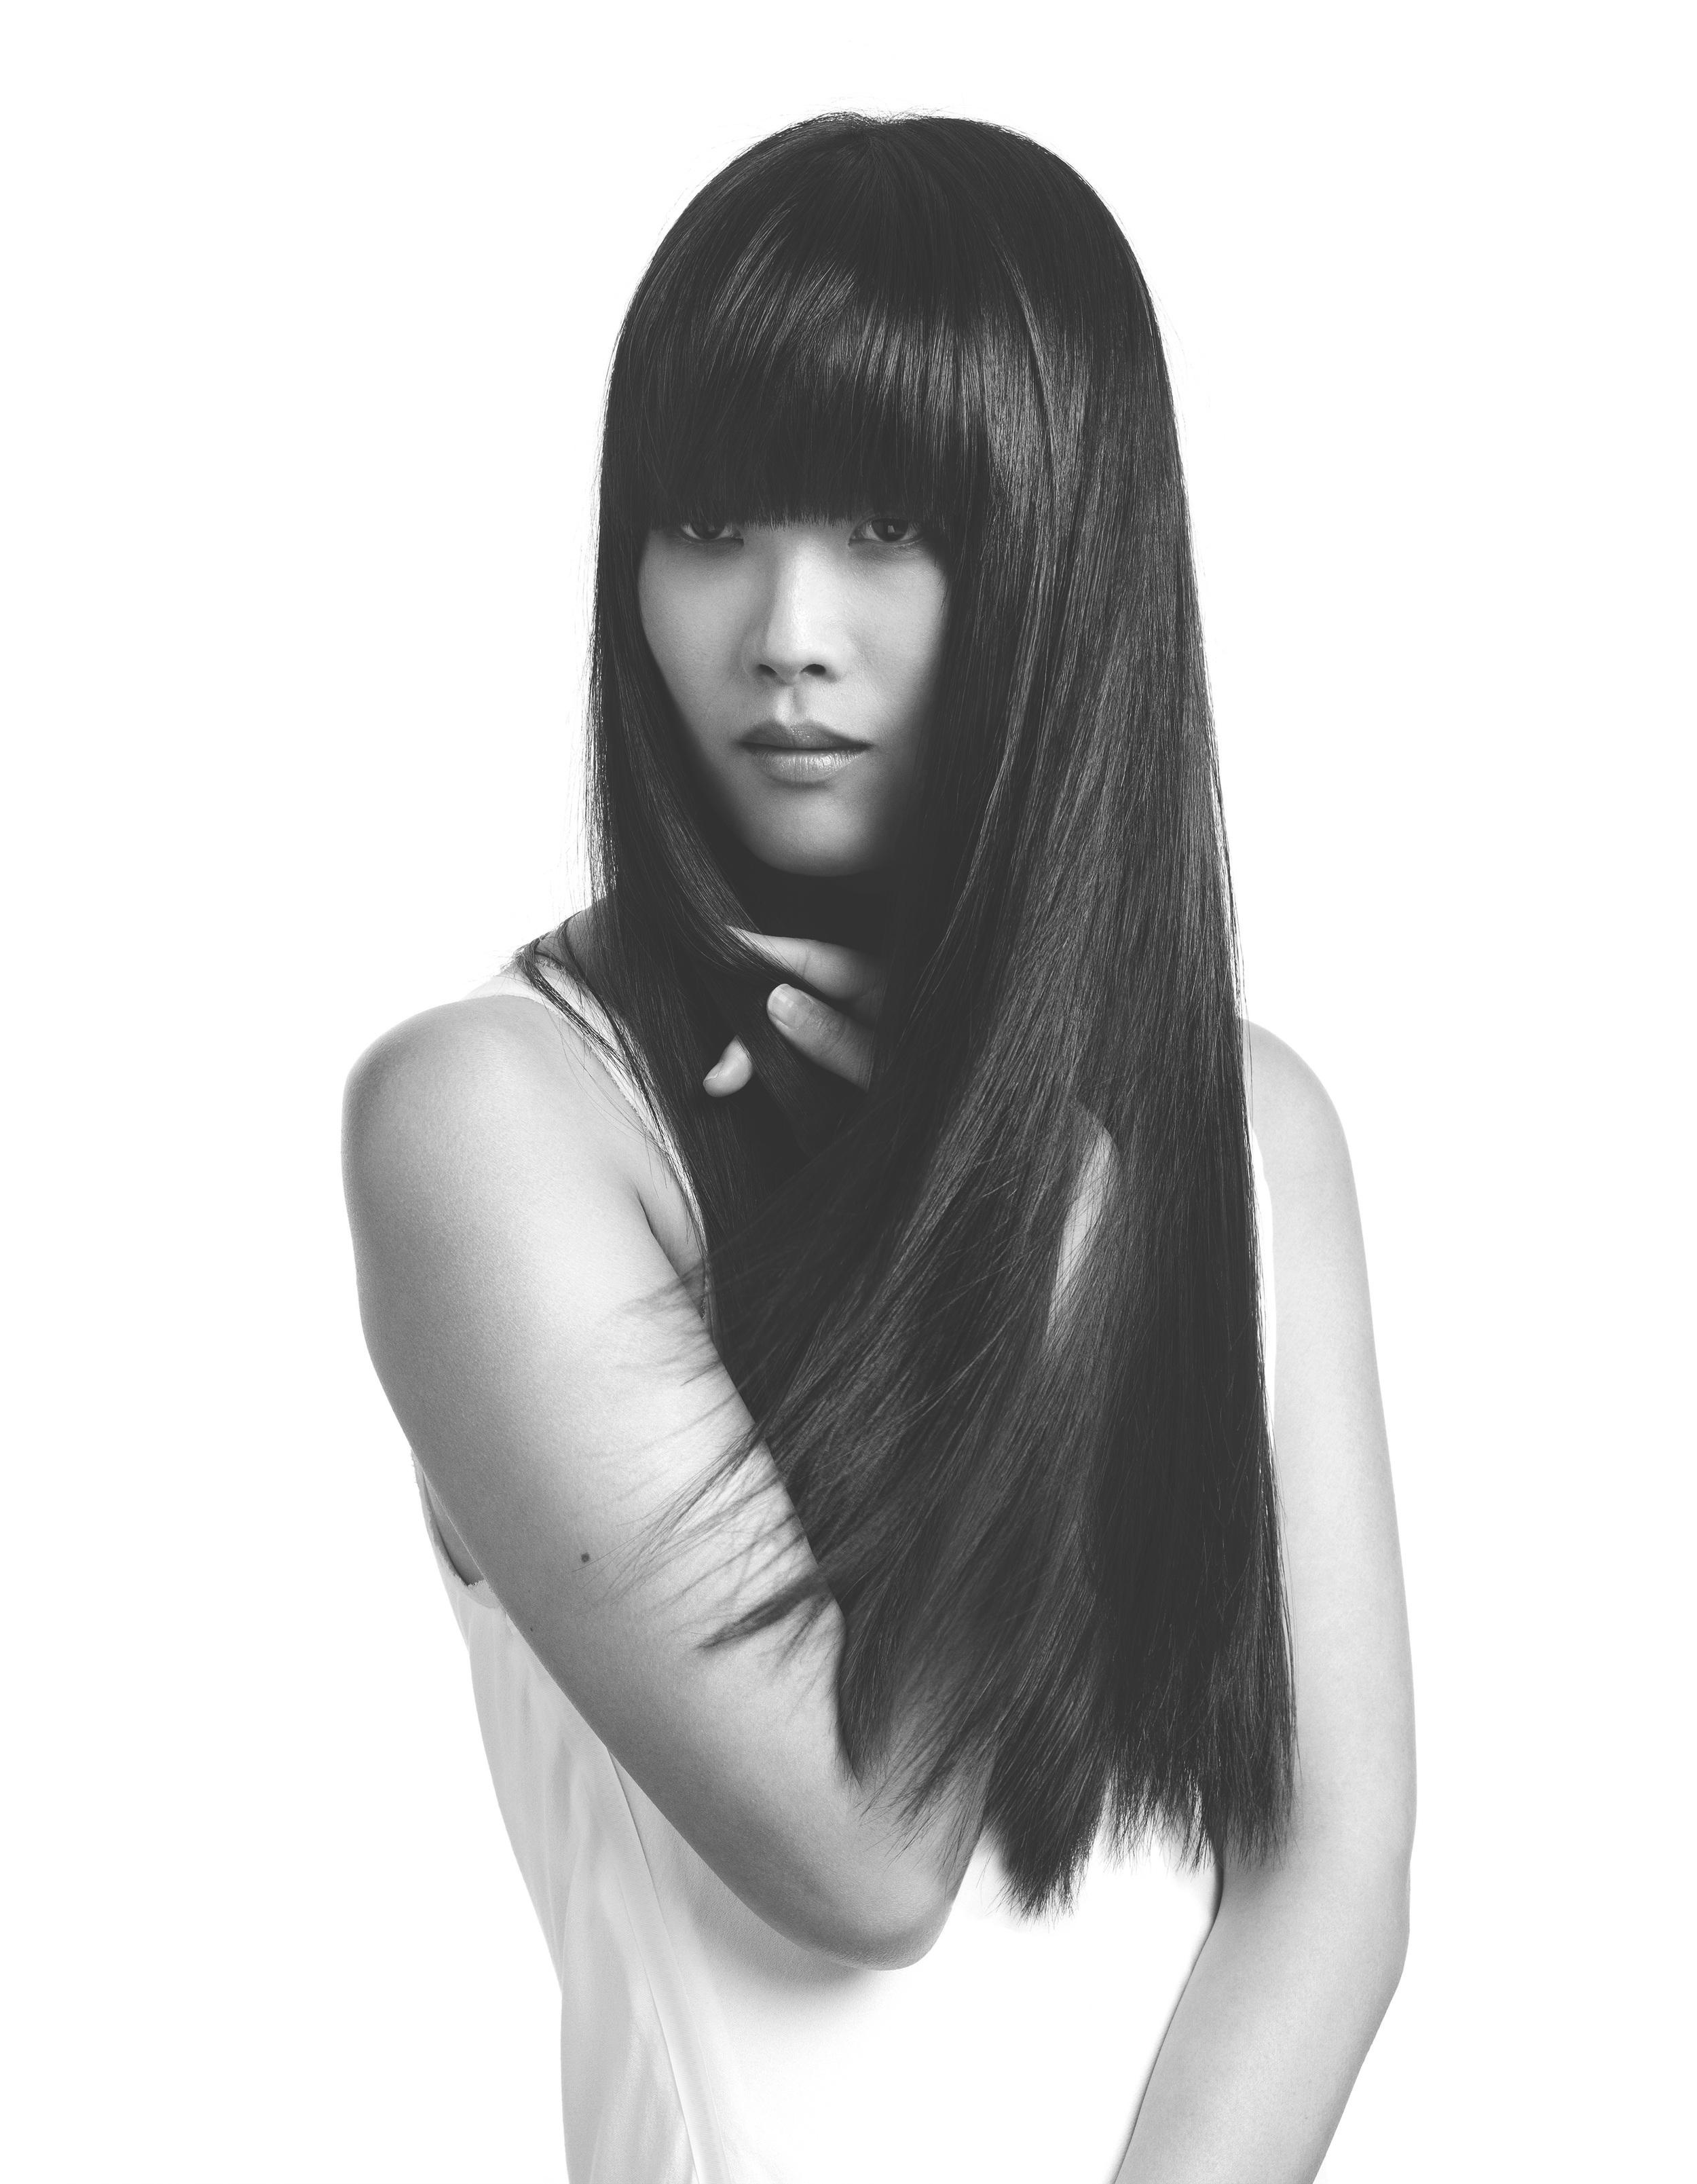 Model of Yuko hair straightening London - Hiro Miyoshi